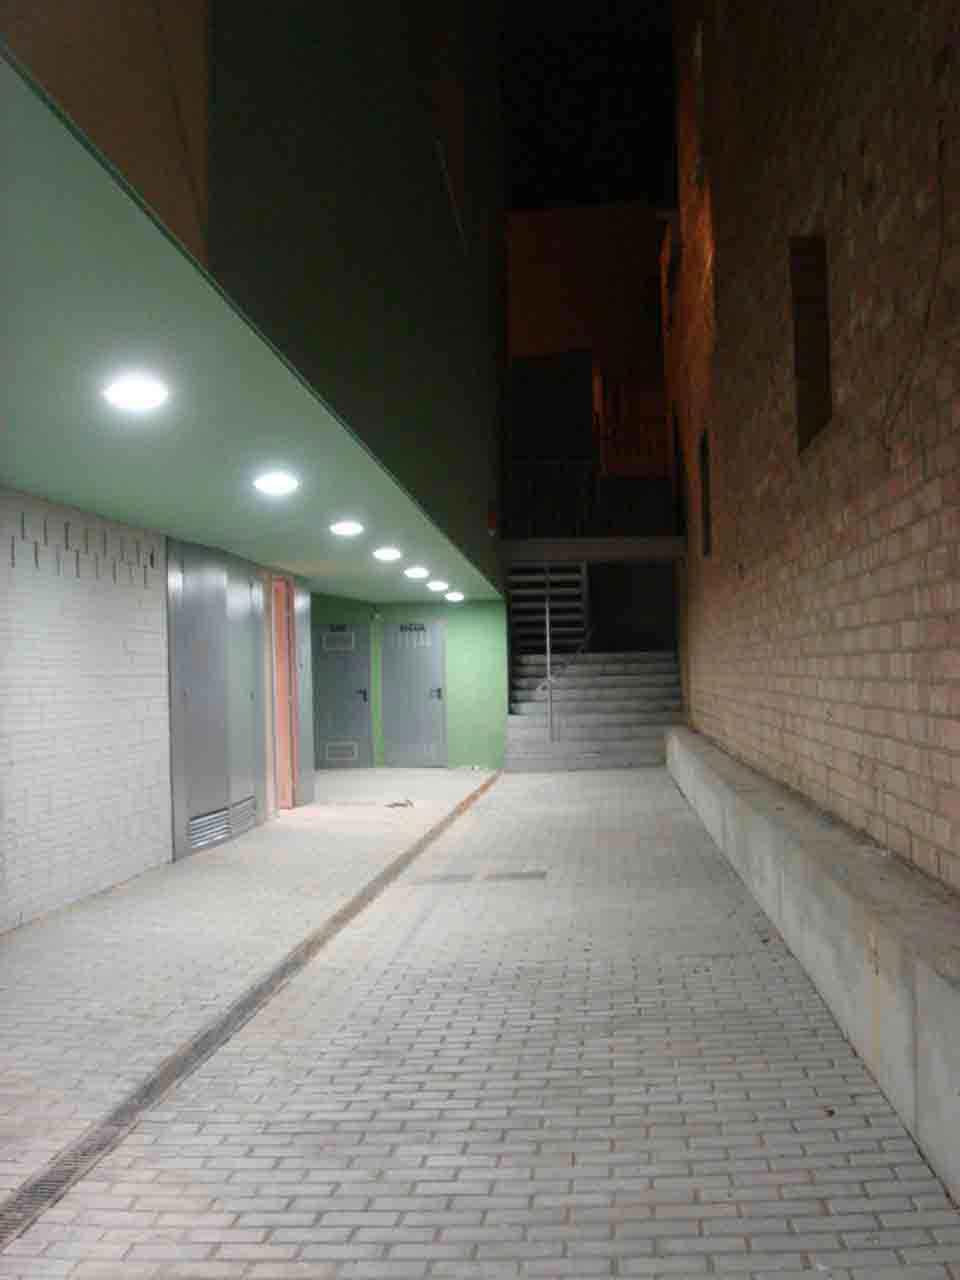 9-INCASOL-ALGUAIRE-androna-de-nit-2008-04-15-003.jpg